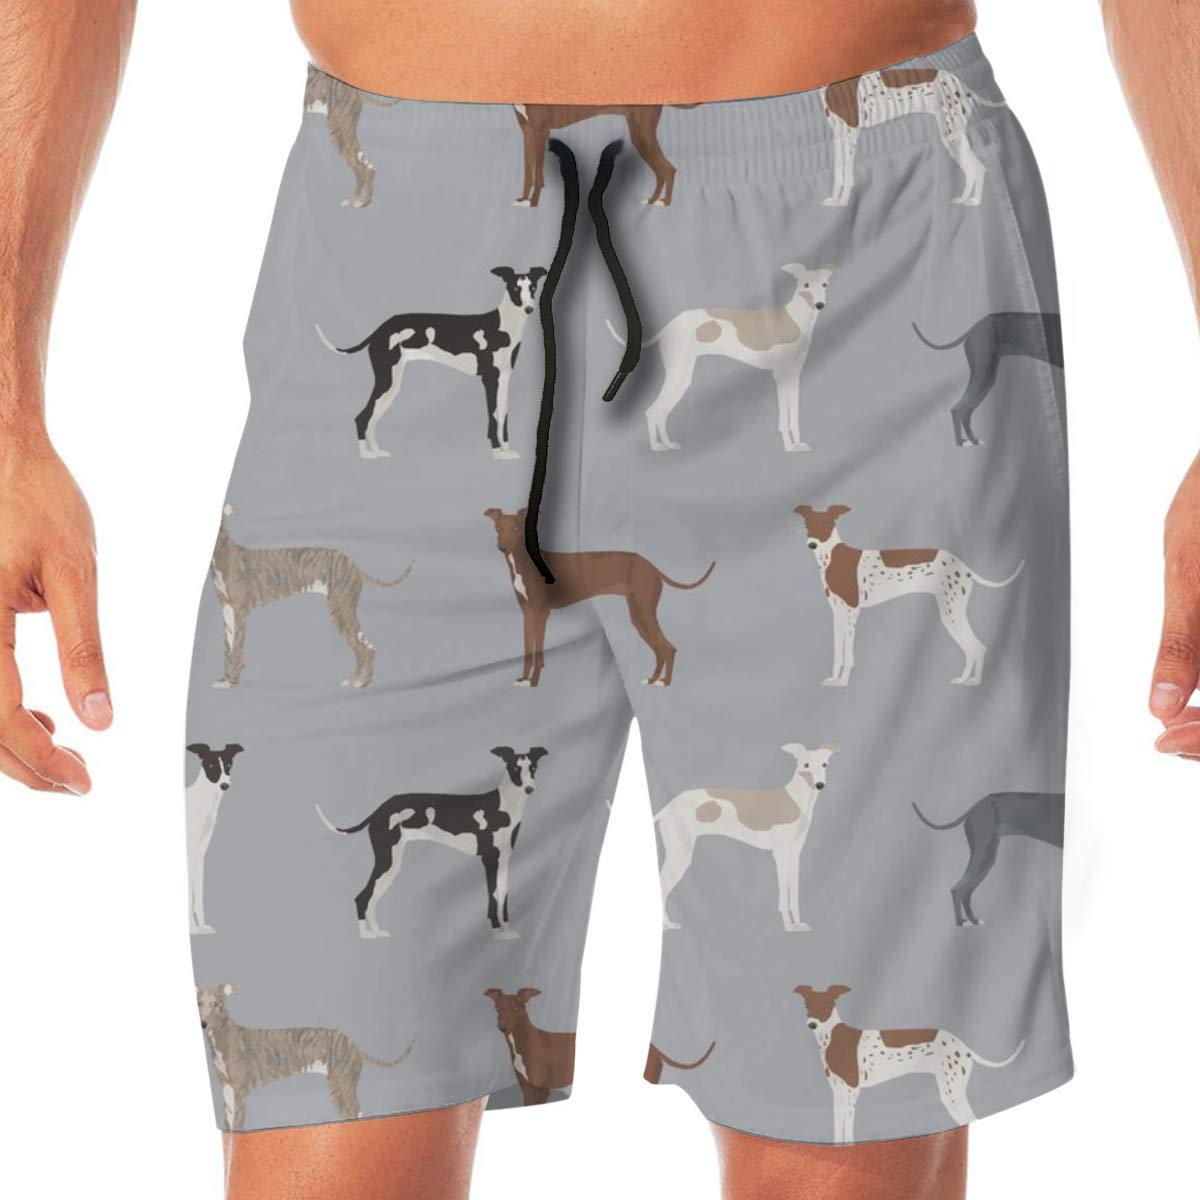 Tela de galgo italiano - Perros lindos Abrigo de colores y marcas Tela de perro Design_557 Hombres Troncos de natación Surf Beach Holiday Party Pantalones ...